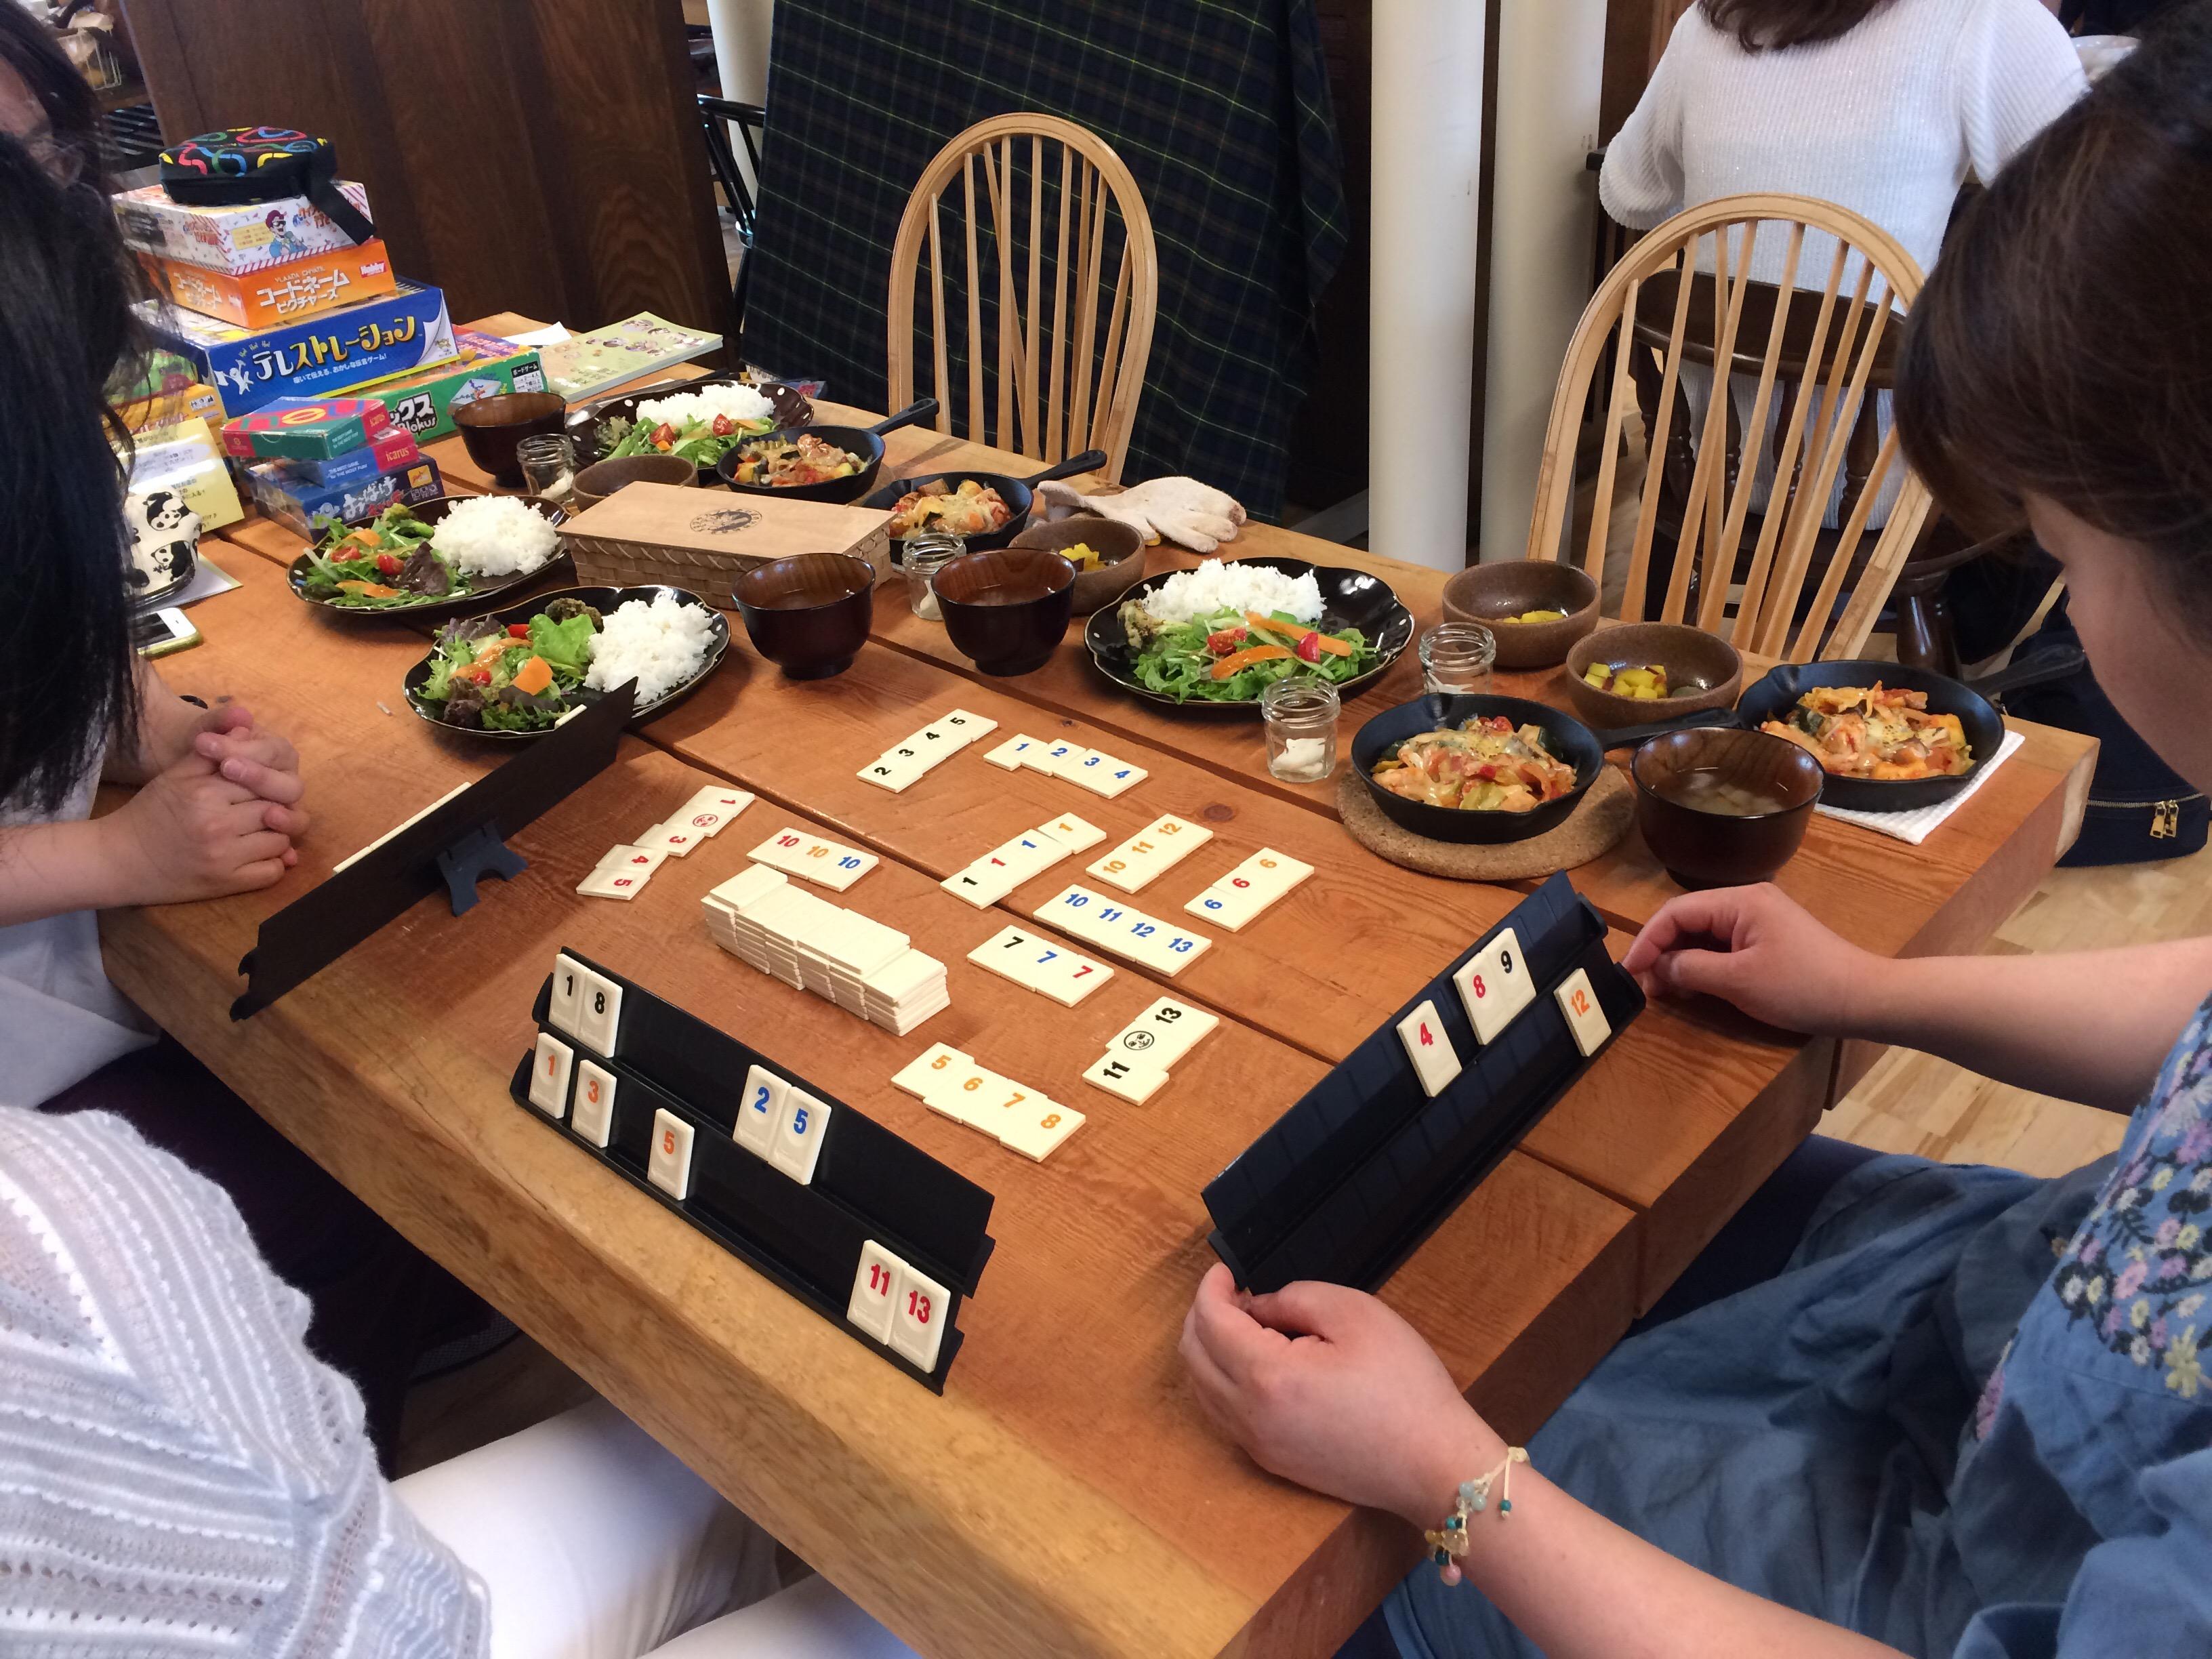 大人が遊ぶ☆アナログゲームカフェ レポート